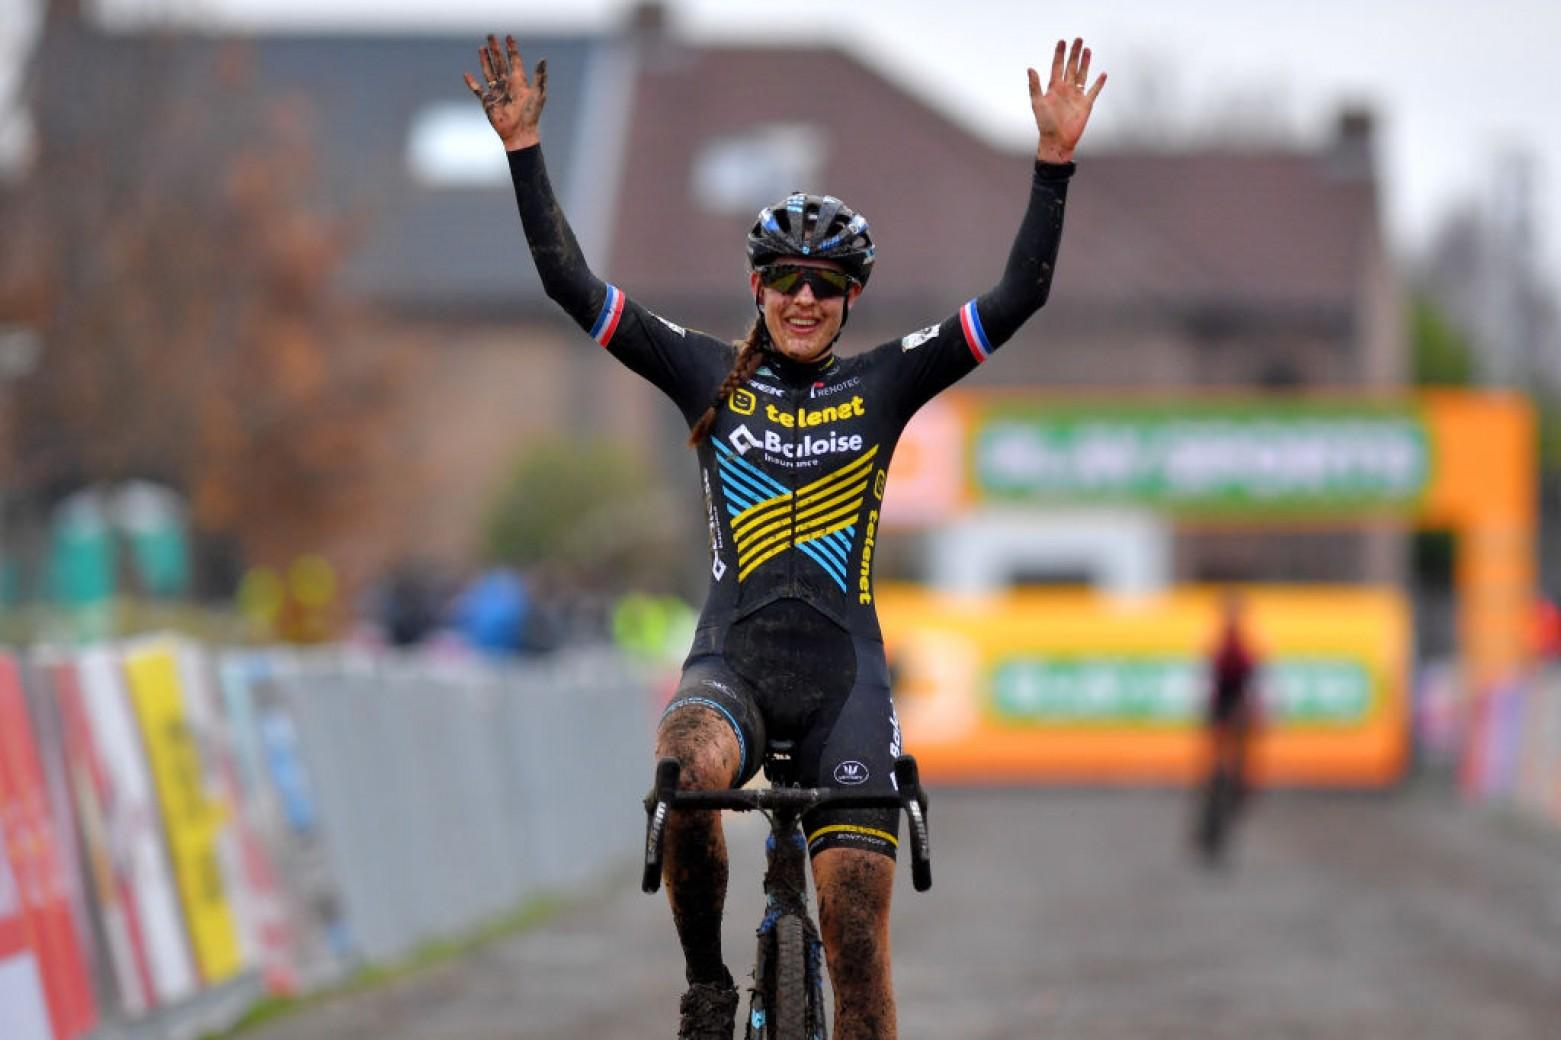 donde-cuando-ver-campeonato-mundo-ciclocross/